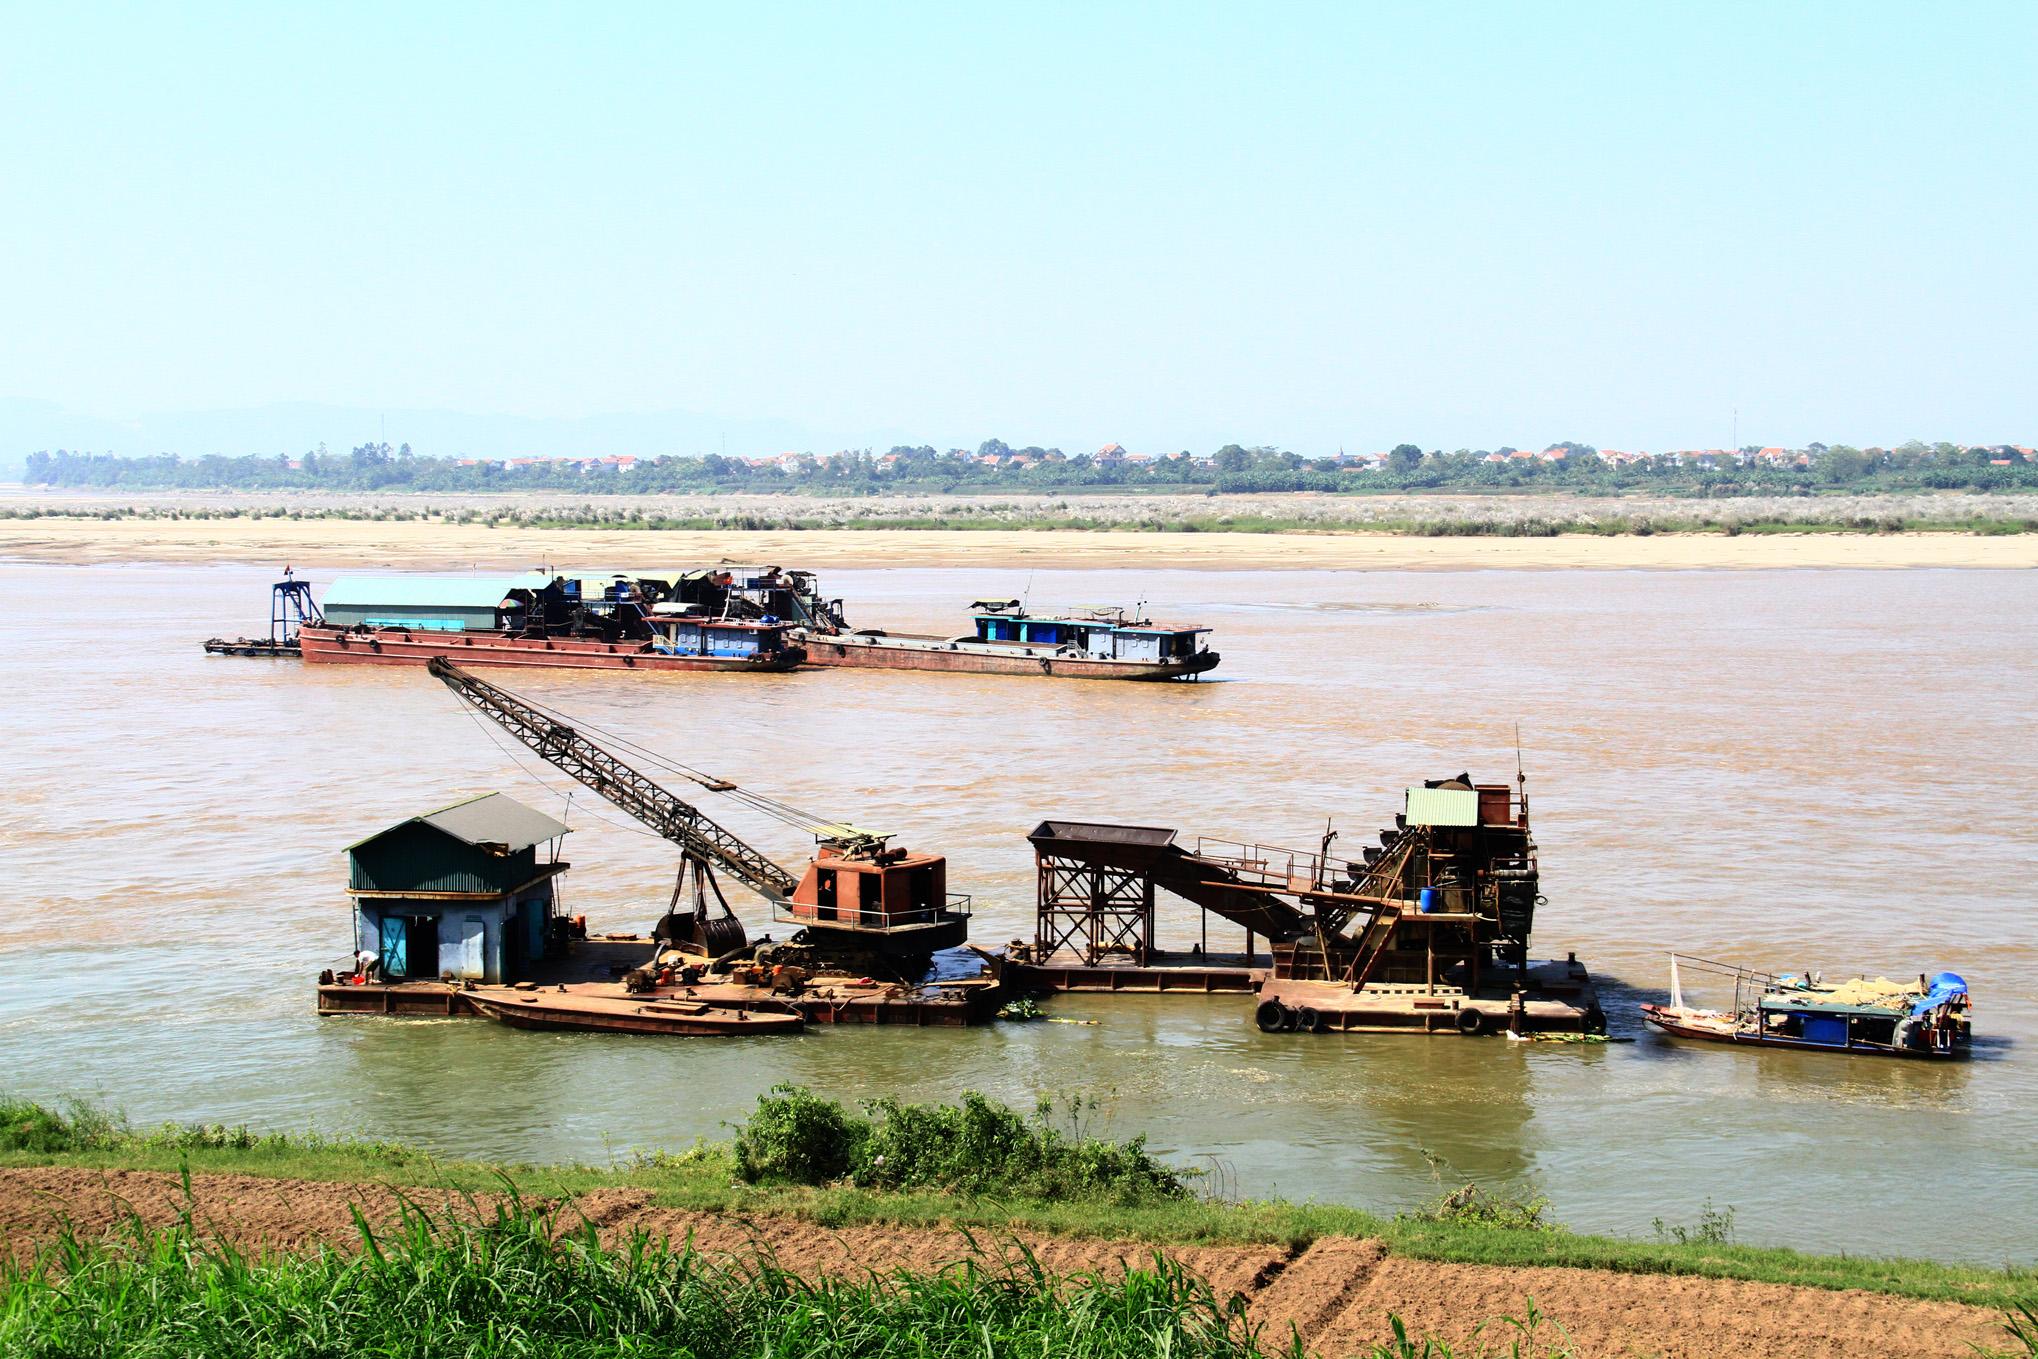 Một đoạn sông ngắn ở Ba Vì nhưng có đến hàng chục chiếc tàu hút cát tập kết và khai thác suốt nhiều tháng qua.